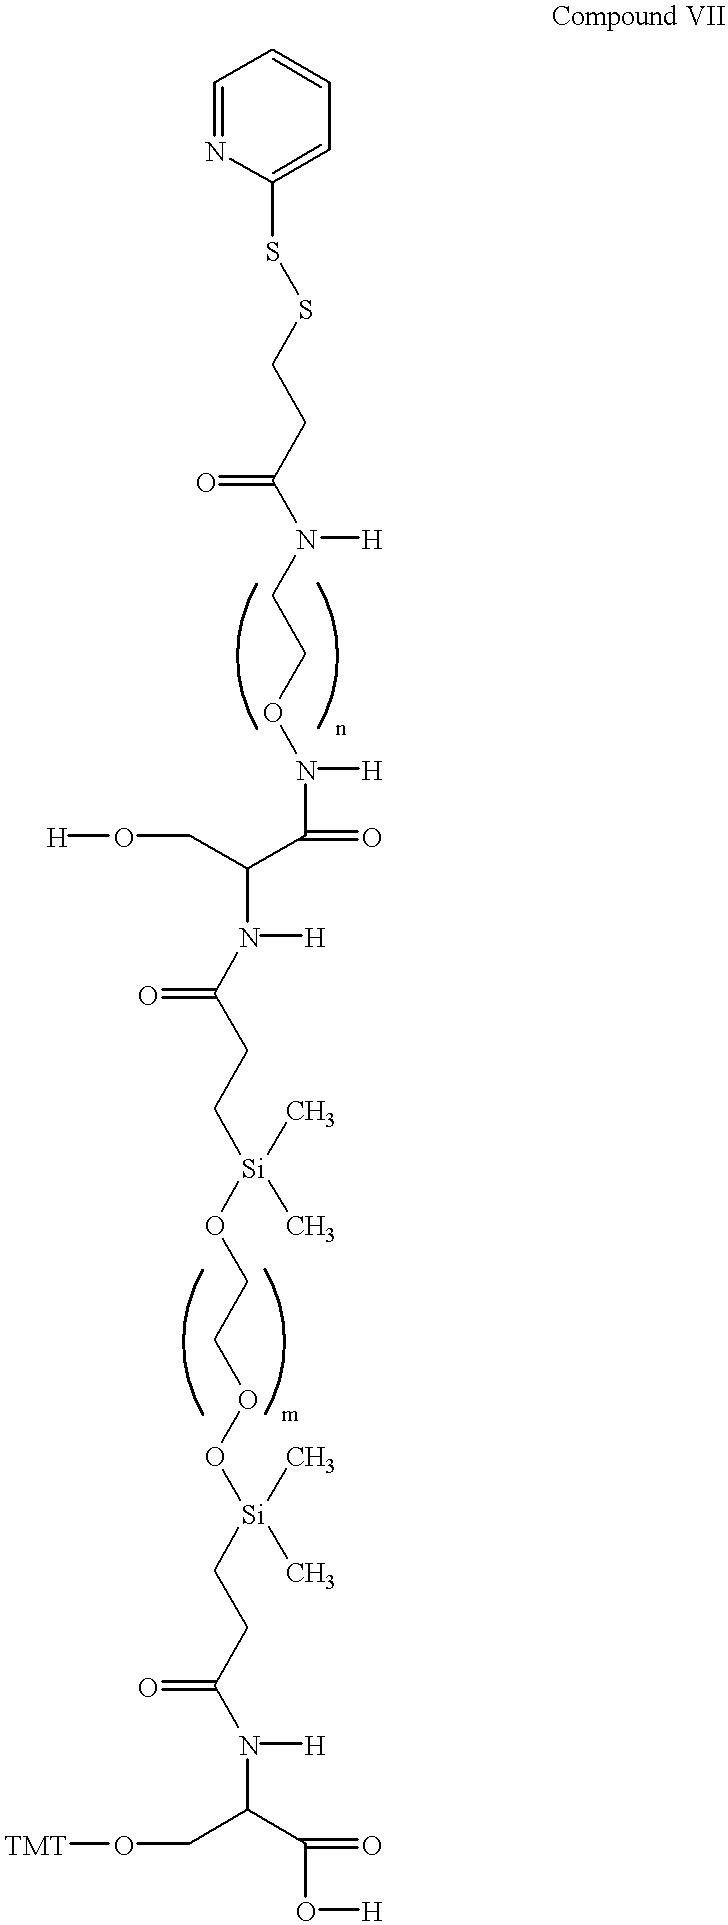 Figure US06312901-20011106-C00007